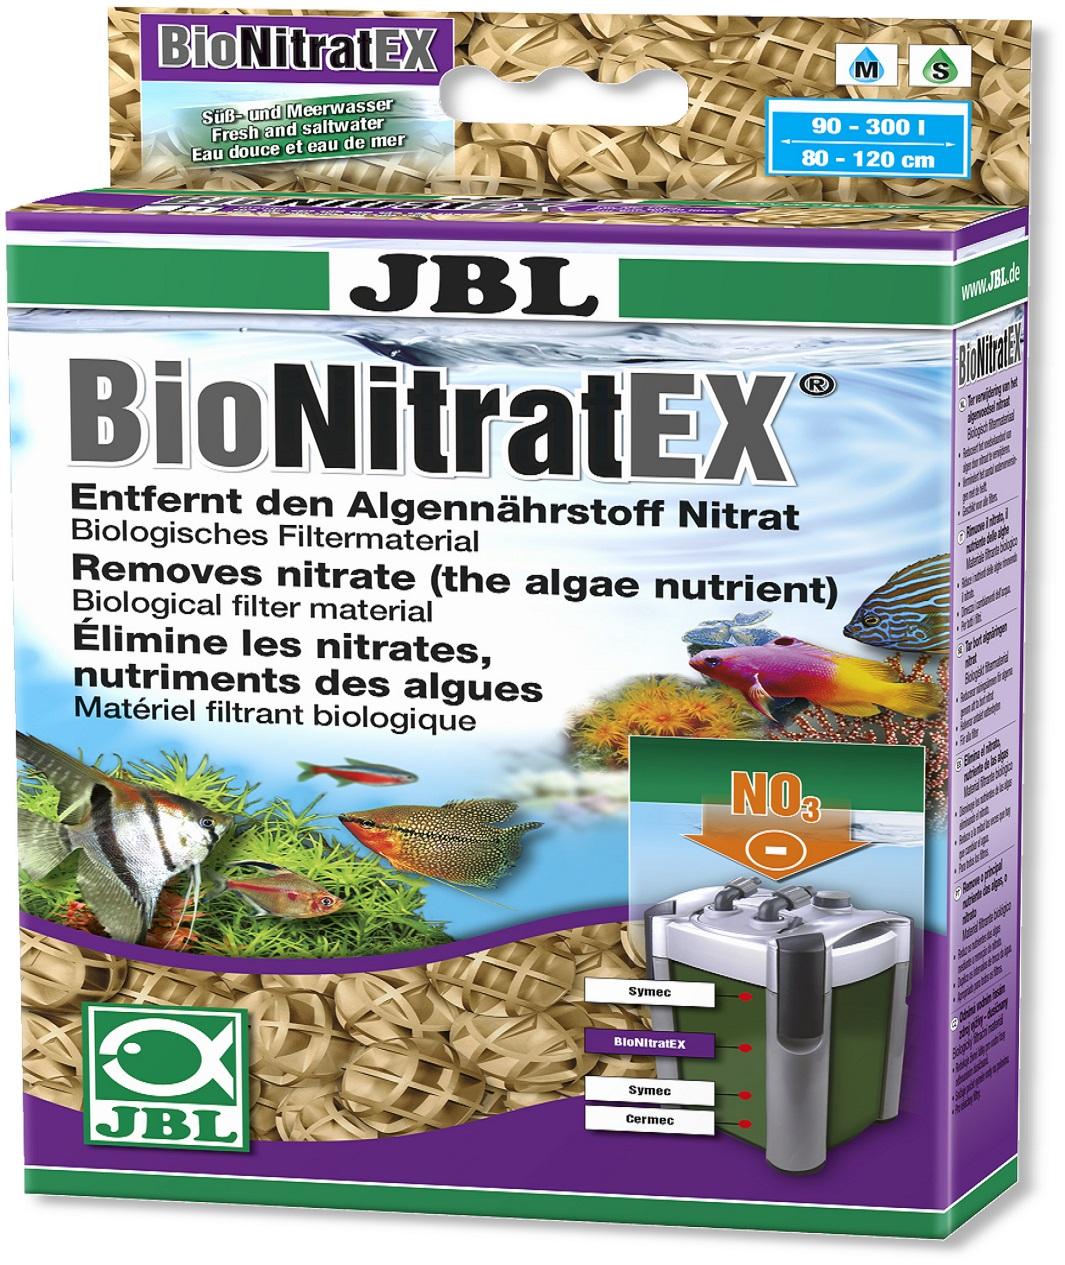 JBL BionitratEX Entfernt Nitrat aus Aquariumwasser